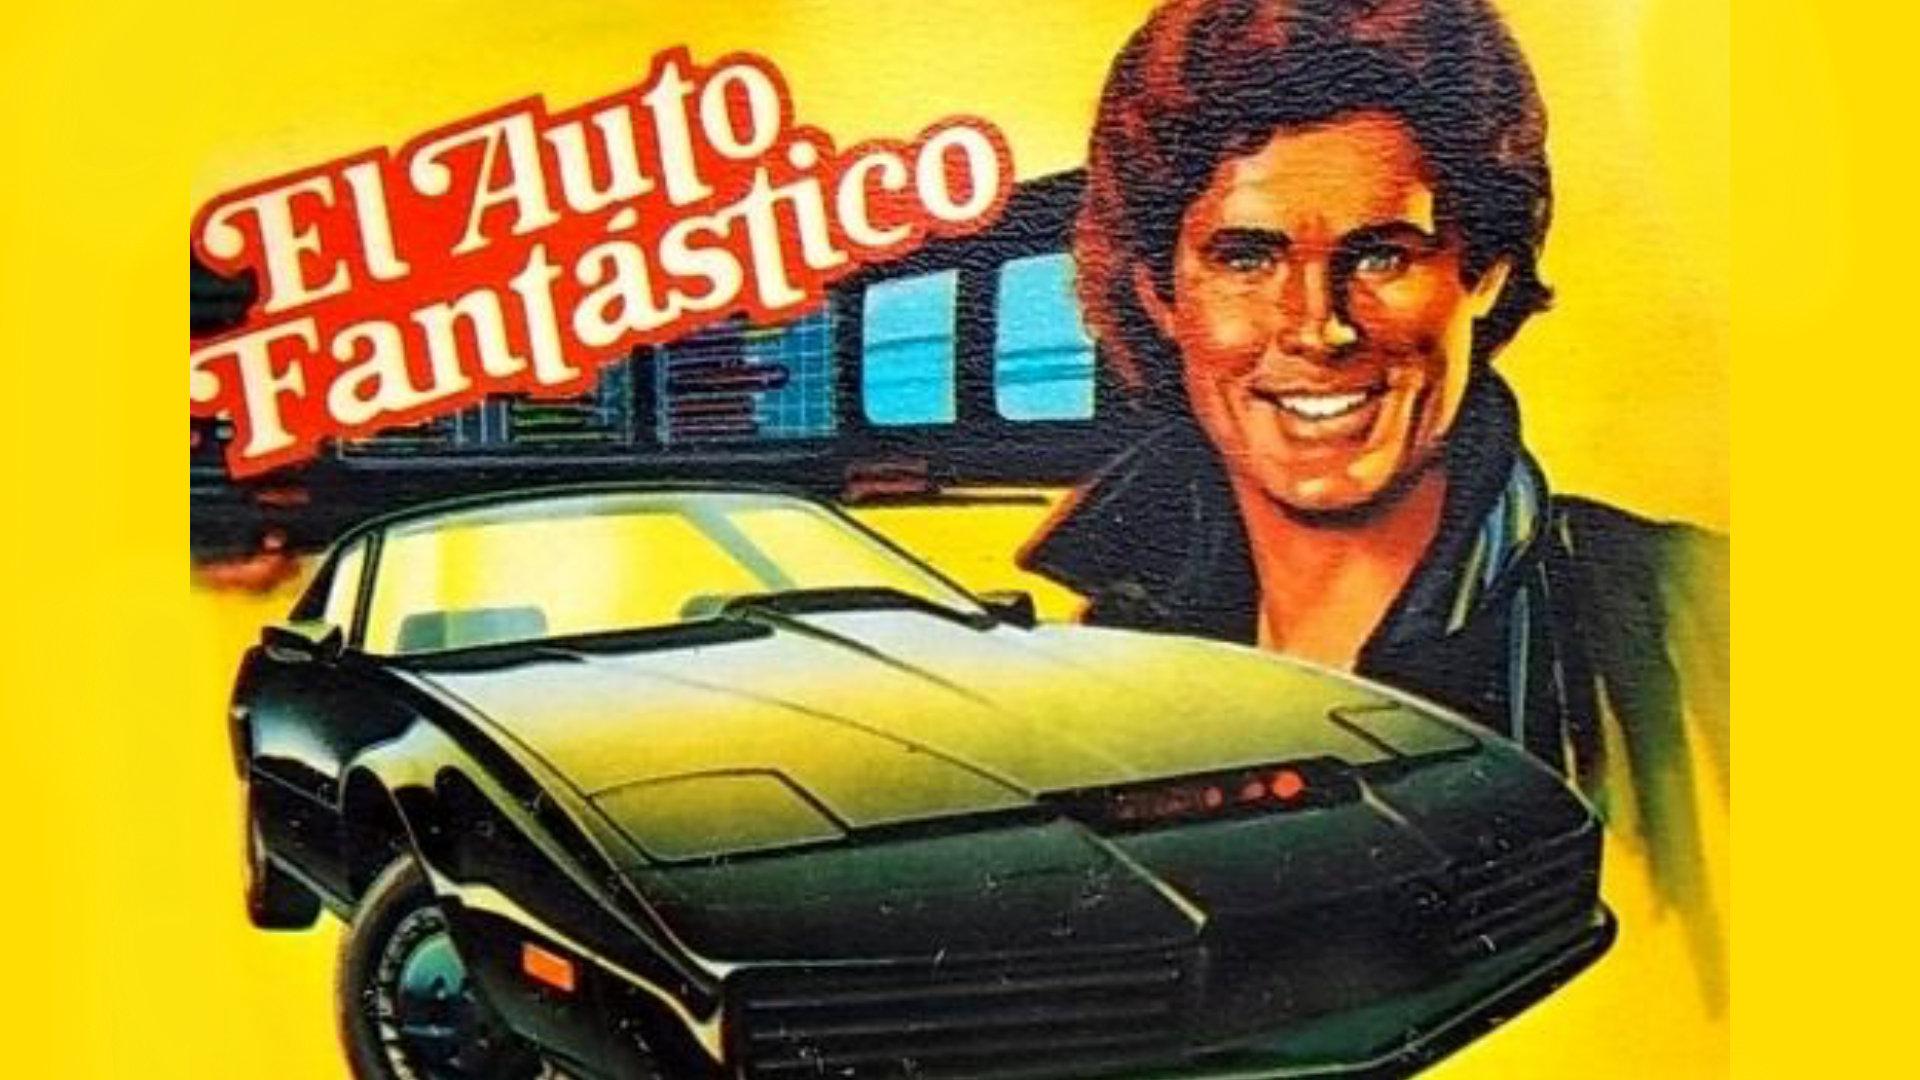 Stummer Zeuge zahlreicher Joystick-Beerdigungen: David Hasselhoffs Lächeln war in den 1980ern allgegenwärtigter als der Sonnenaufgang, auf jeder Schultasche prangerte der Knight Rider und erhielt dadurch tiefe Einblicke in den Computeralltag... (Bild: Andreas Wanda)